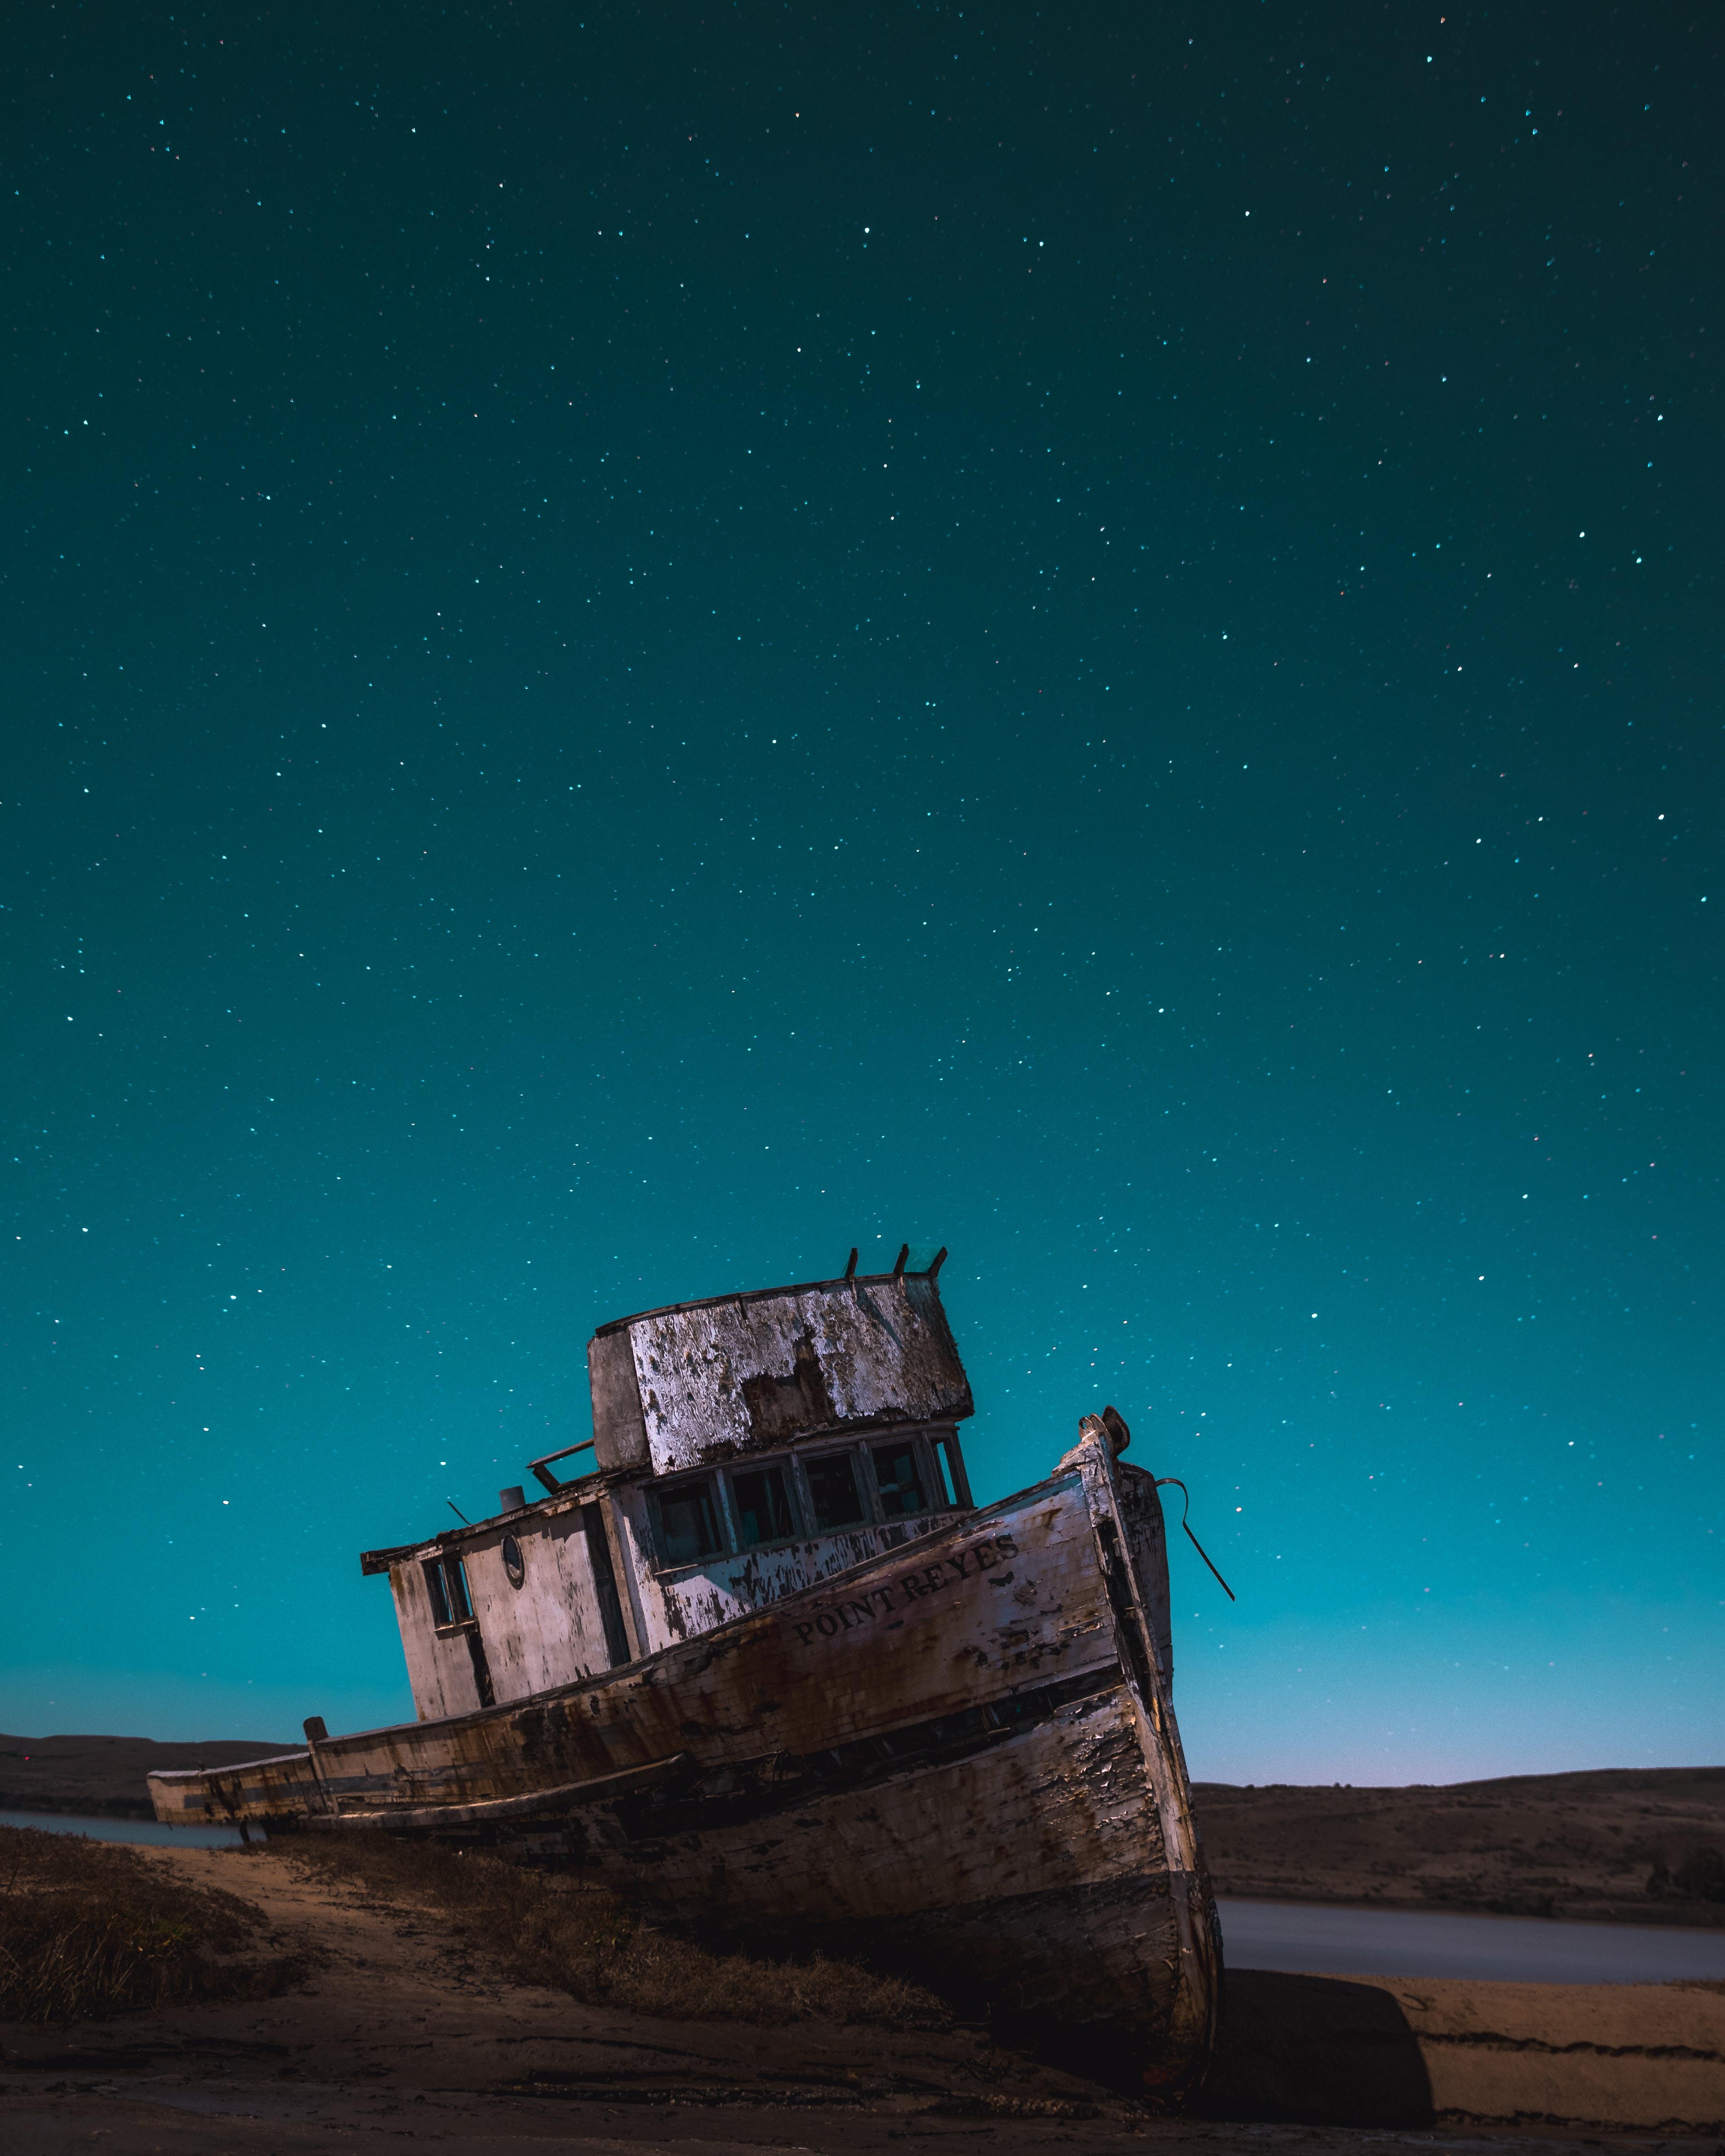 An older boat.